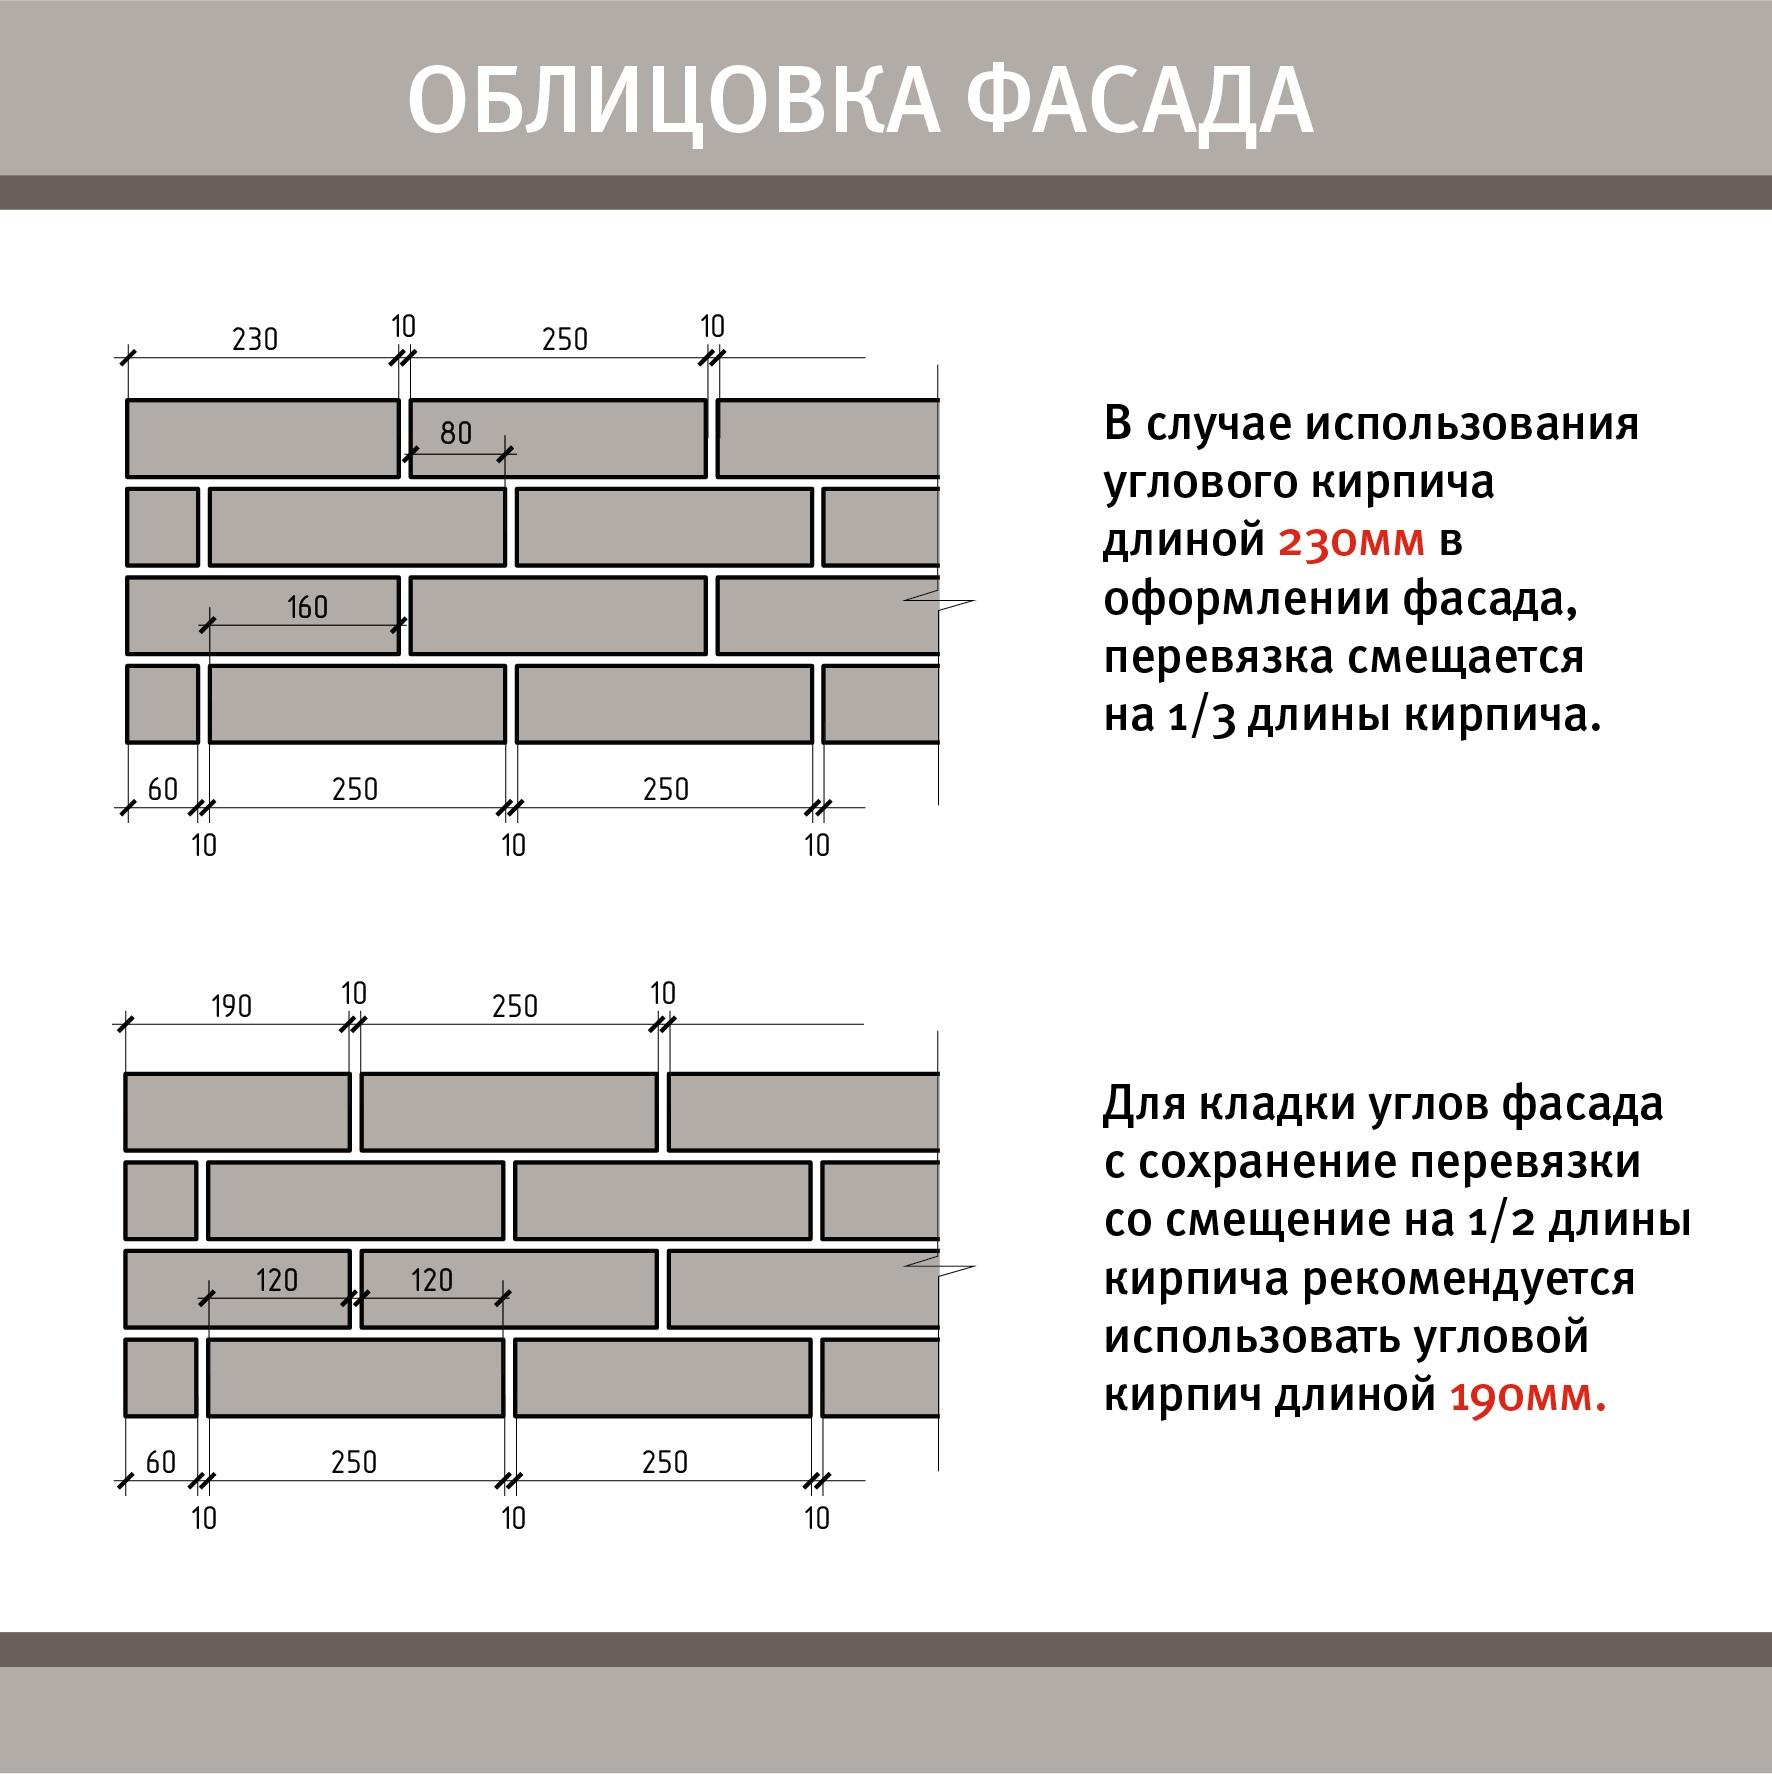 У стандартного углового еврокирпича бывает две длины: 190 мм и 230 мм.